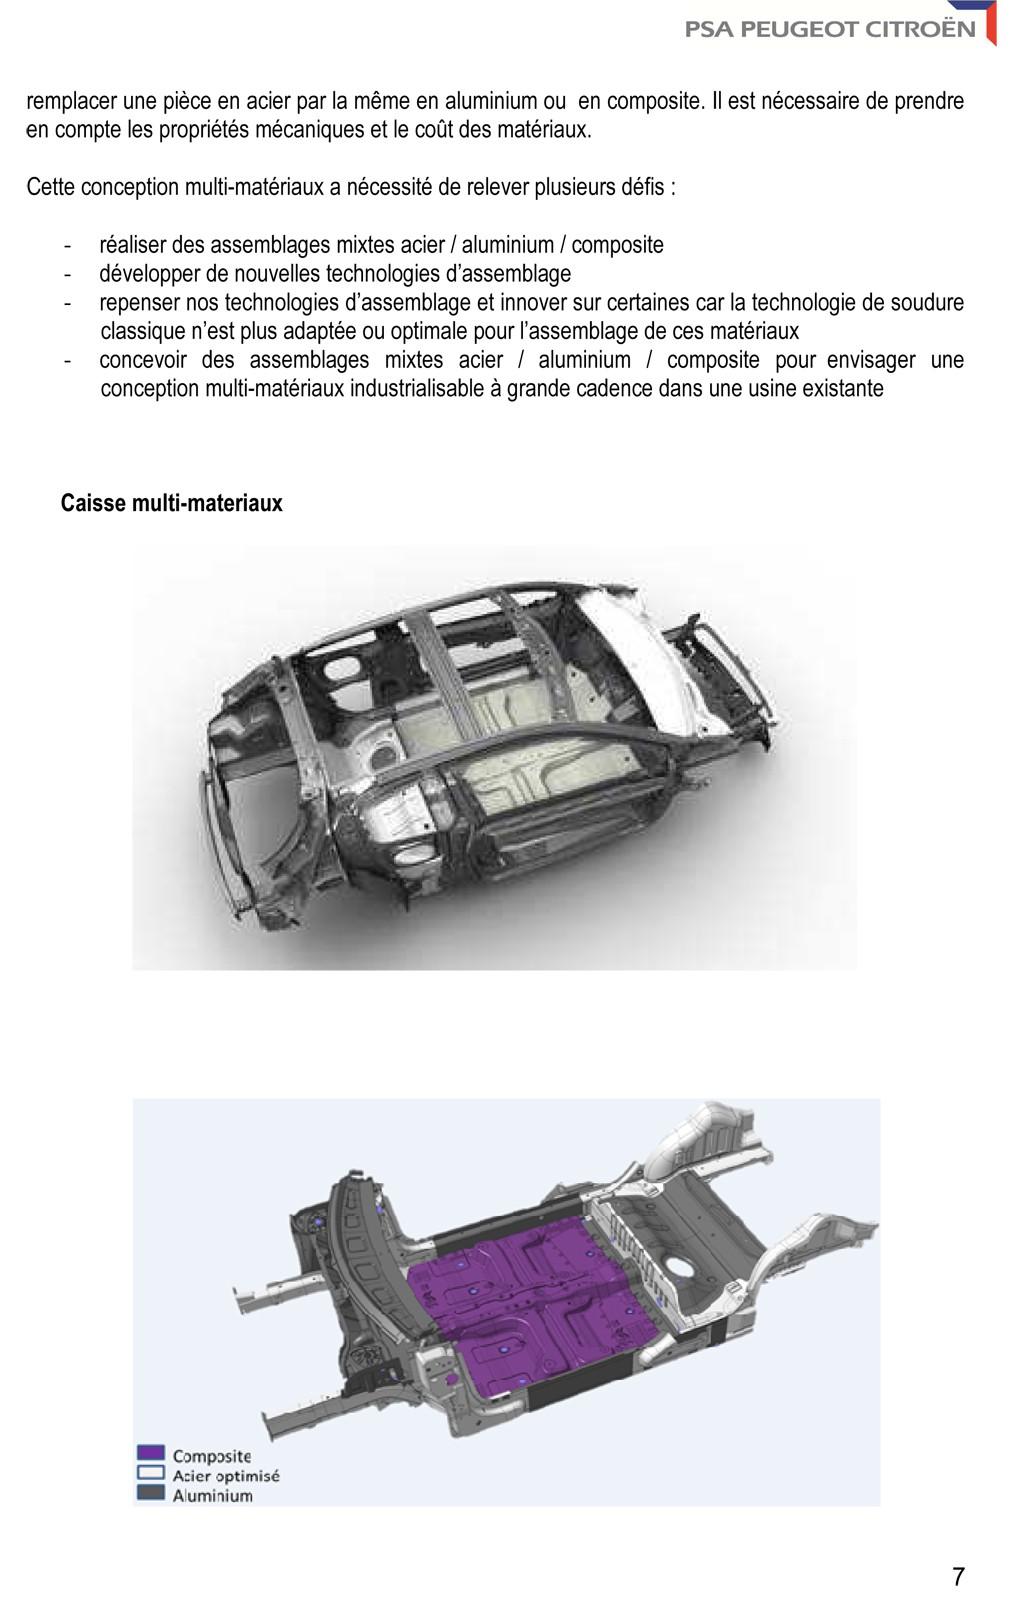 [INFORMATION] PSA: Les nouvelles technologies - Page 4 2014-115